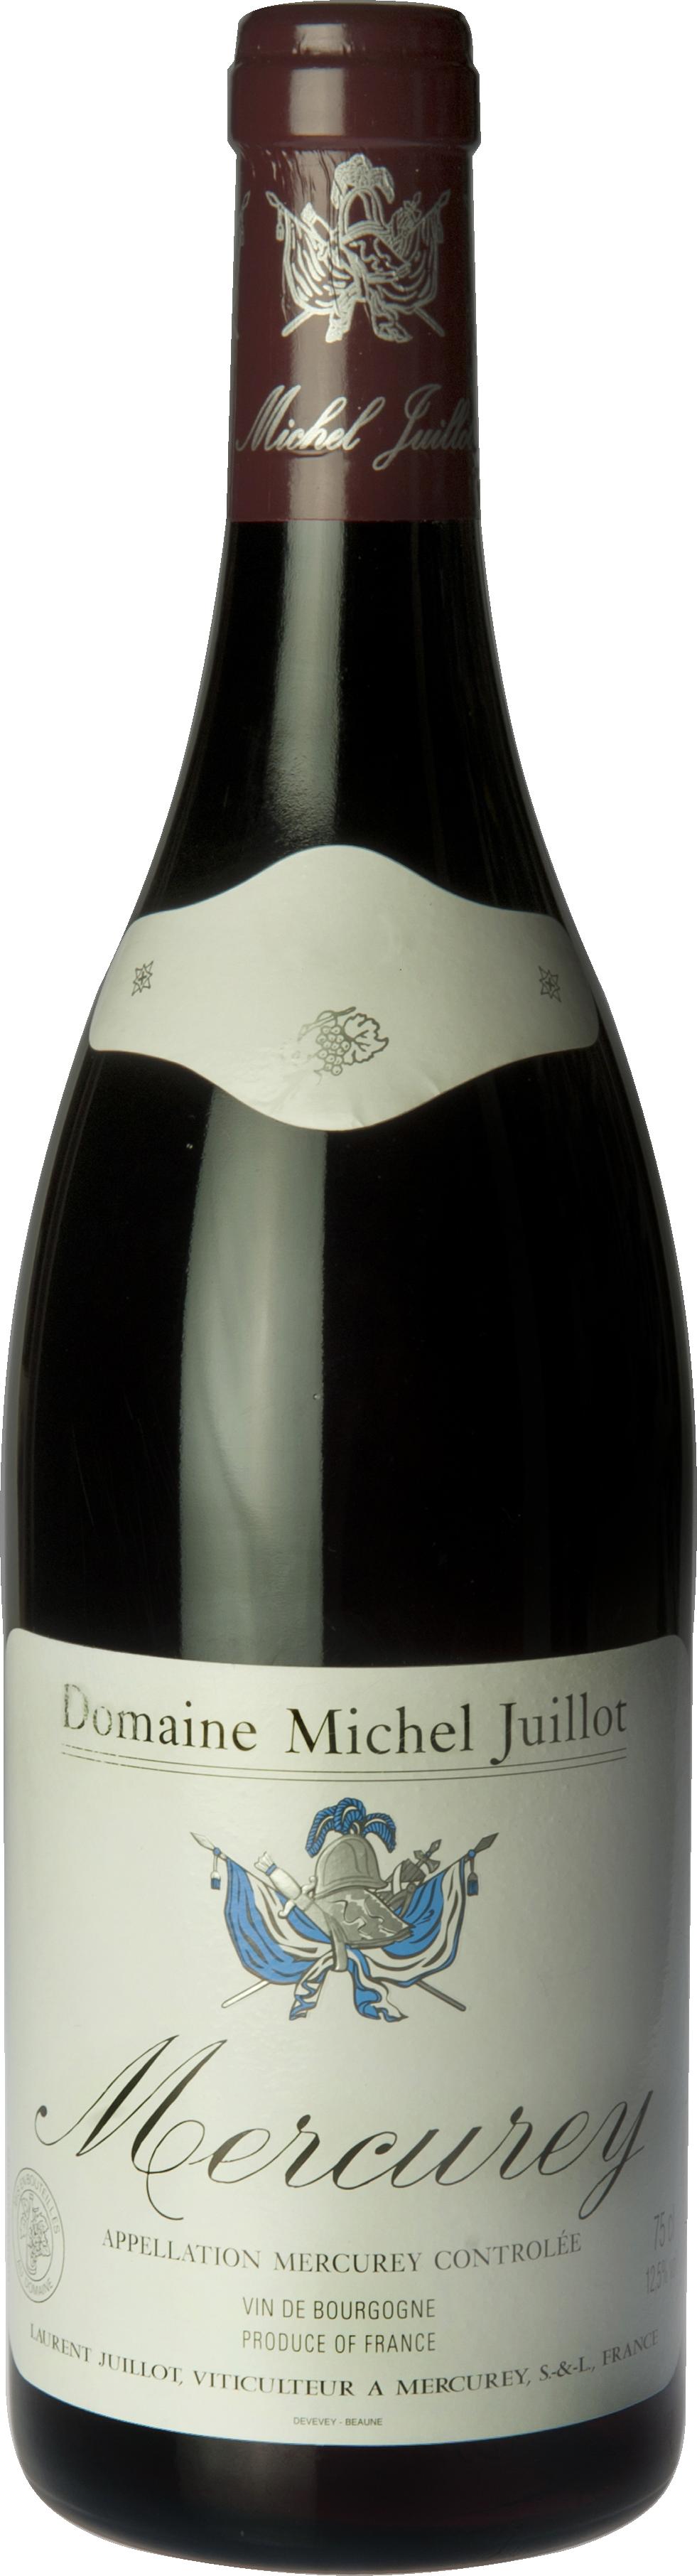 Domaine Michel Juillot bouteille de Mercurey Rouge